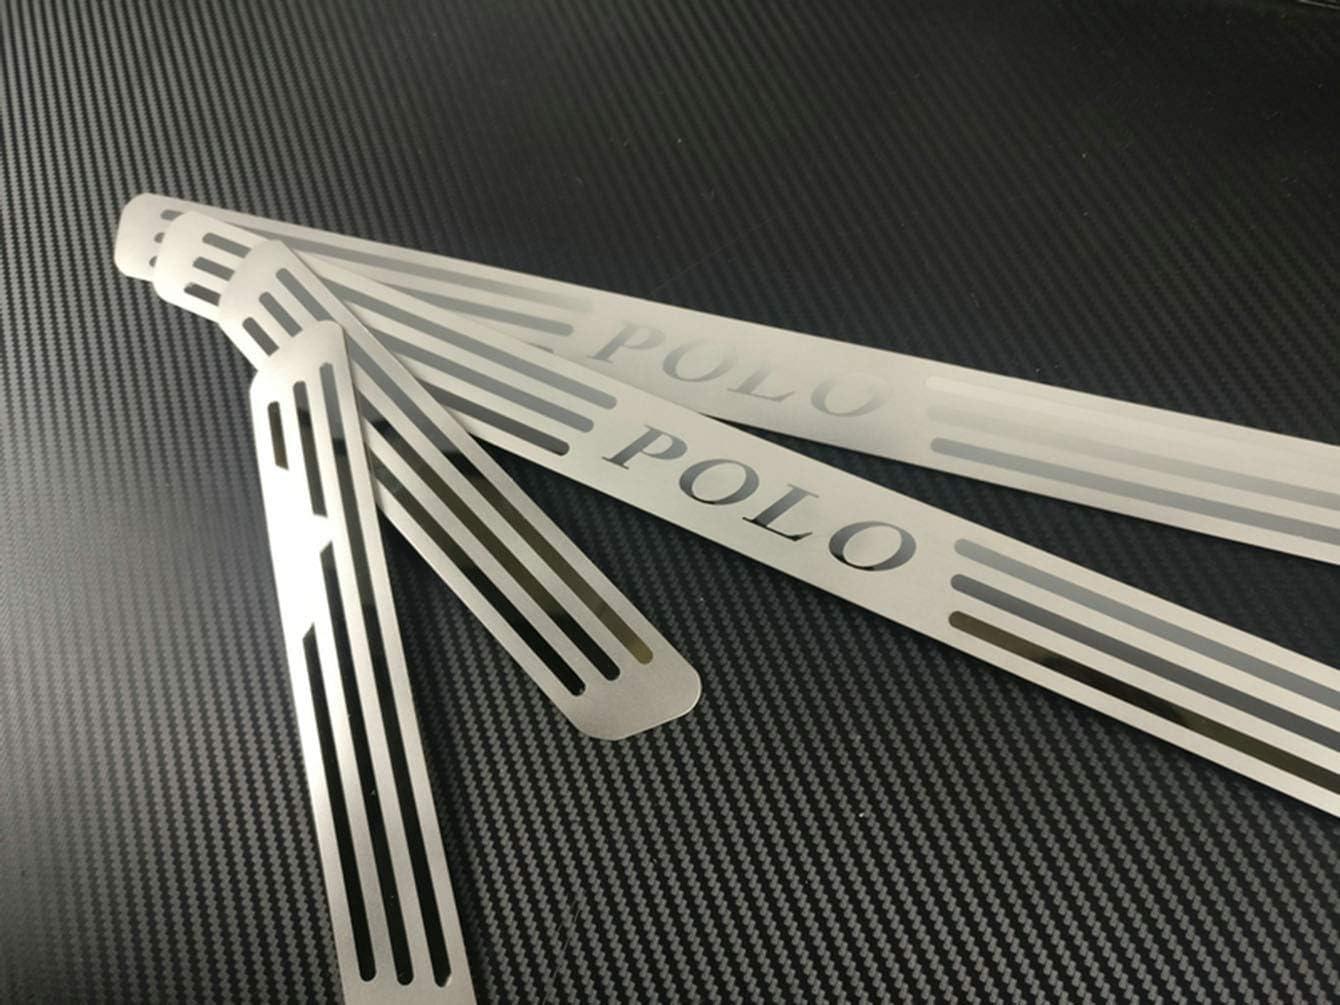 WFLOV Strisce di Protezione del davanzale della portiera dellauto,per Volkswagen Polo 2009 2010 2011-2017 4 Pezzi. Piastre in Acciaio Inossidabile Antiscivolo Accessori AntiGraffio